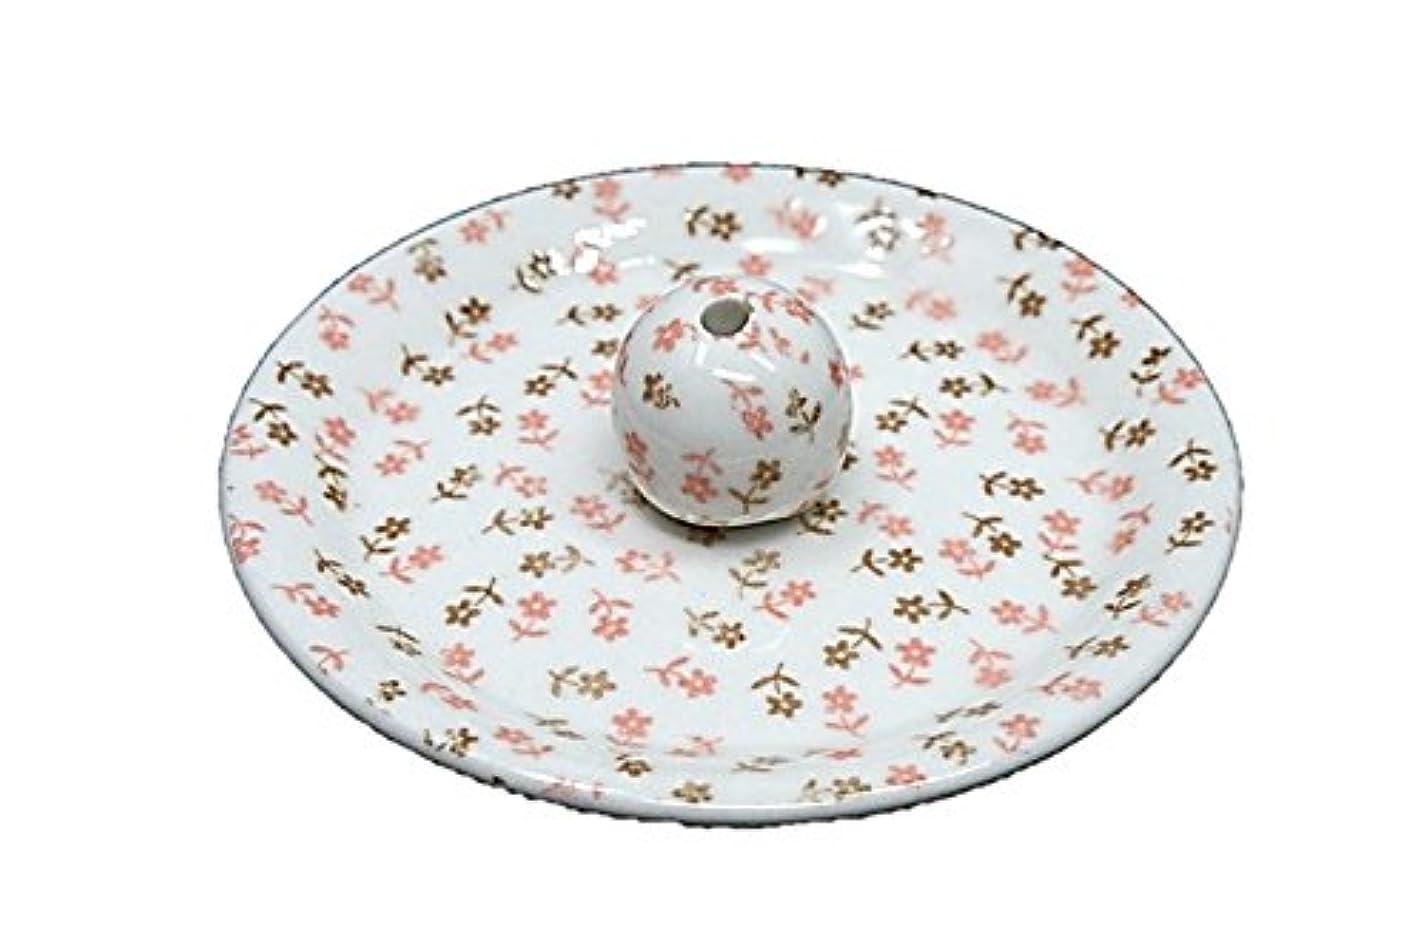 はげ優しい支払い9-19 ミニフラワー 9cm香皿 お香立て お香たて 陶器 日本製 製造?直売品